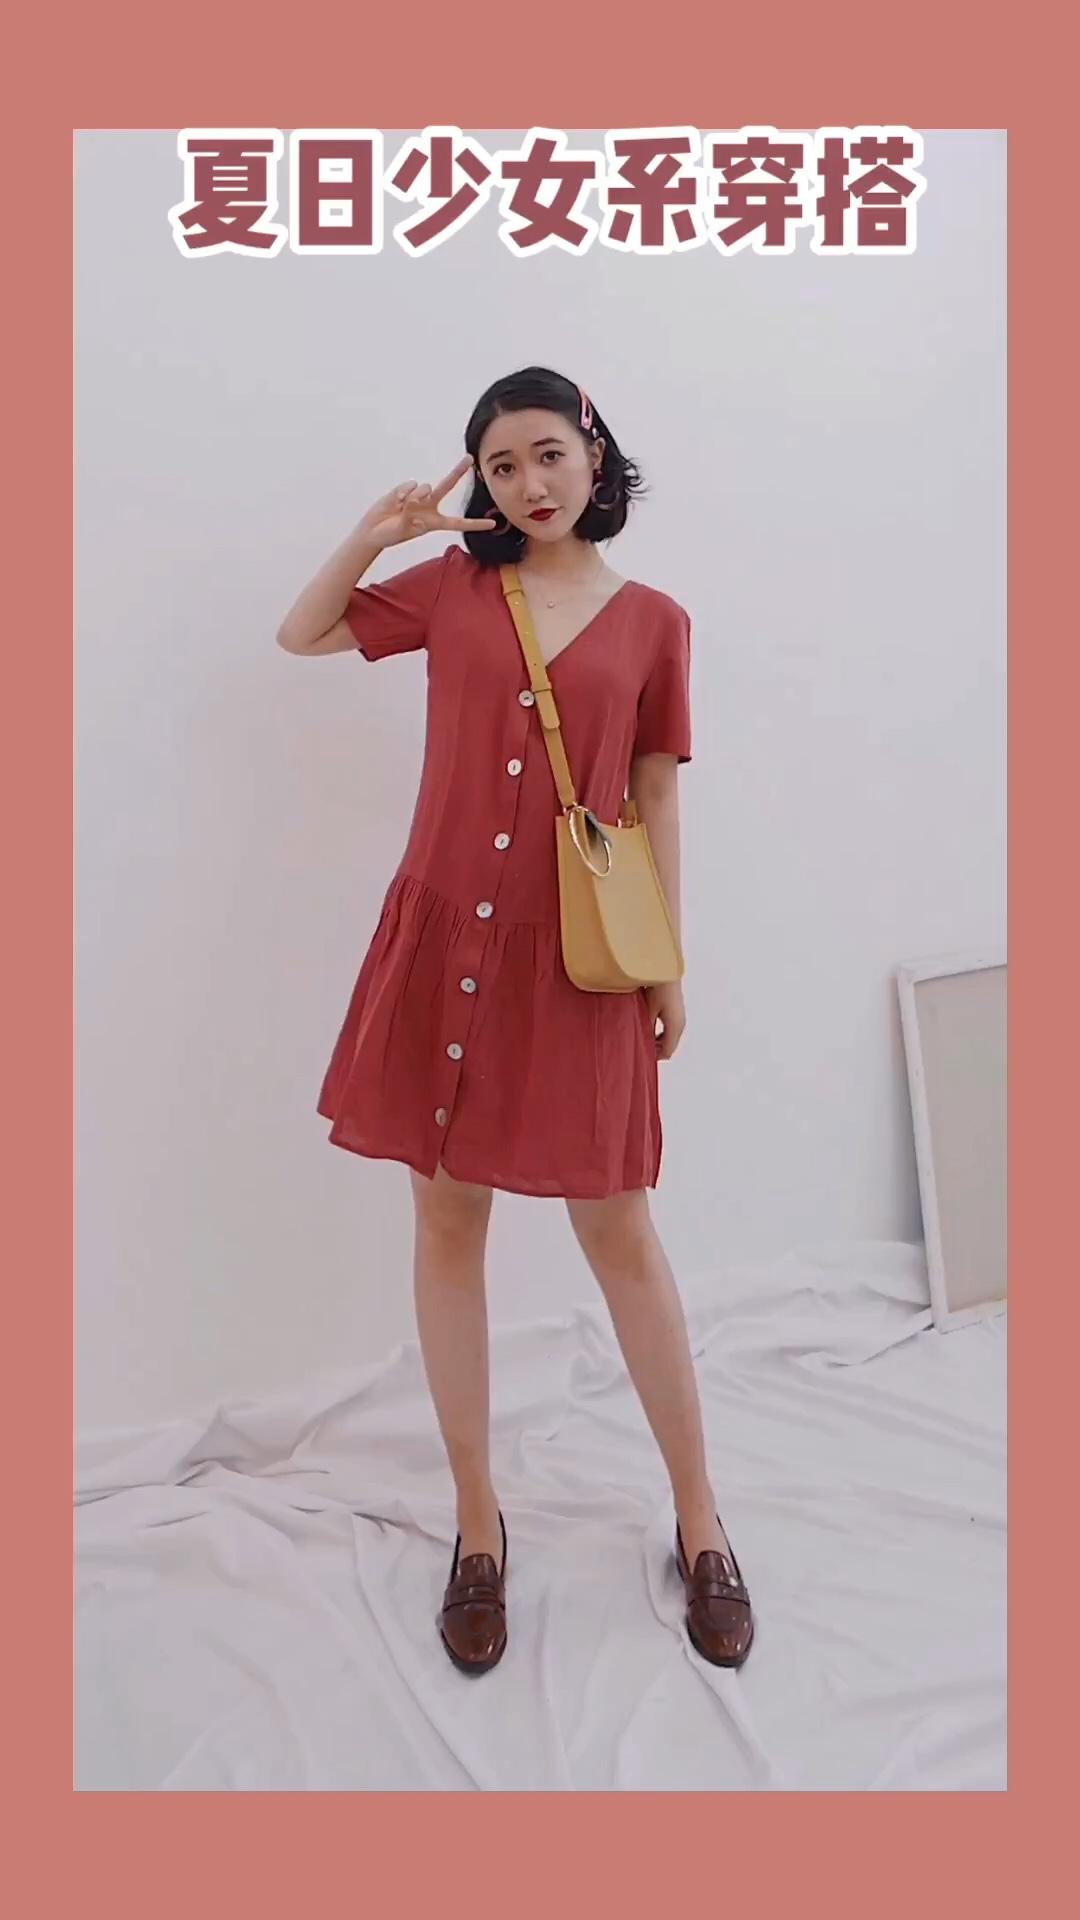 #618一天入手,30天穿搭不重样!#夏日少女感穿搭 又是一件我喜爱的砖红色连衣裙,宽松的版型,我是最爱了,可以遮住身体上的肉肉,裙摆的设计,少女感十足,可爱极了,搭配撞色系的包,无敌可爱少女~这样穿搭特别减龄啦~